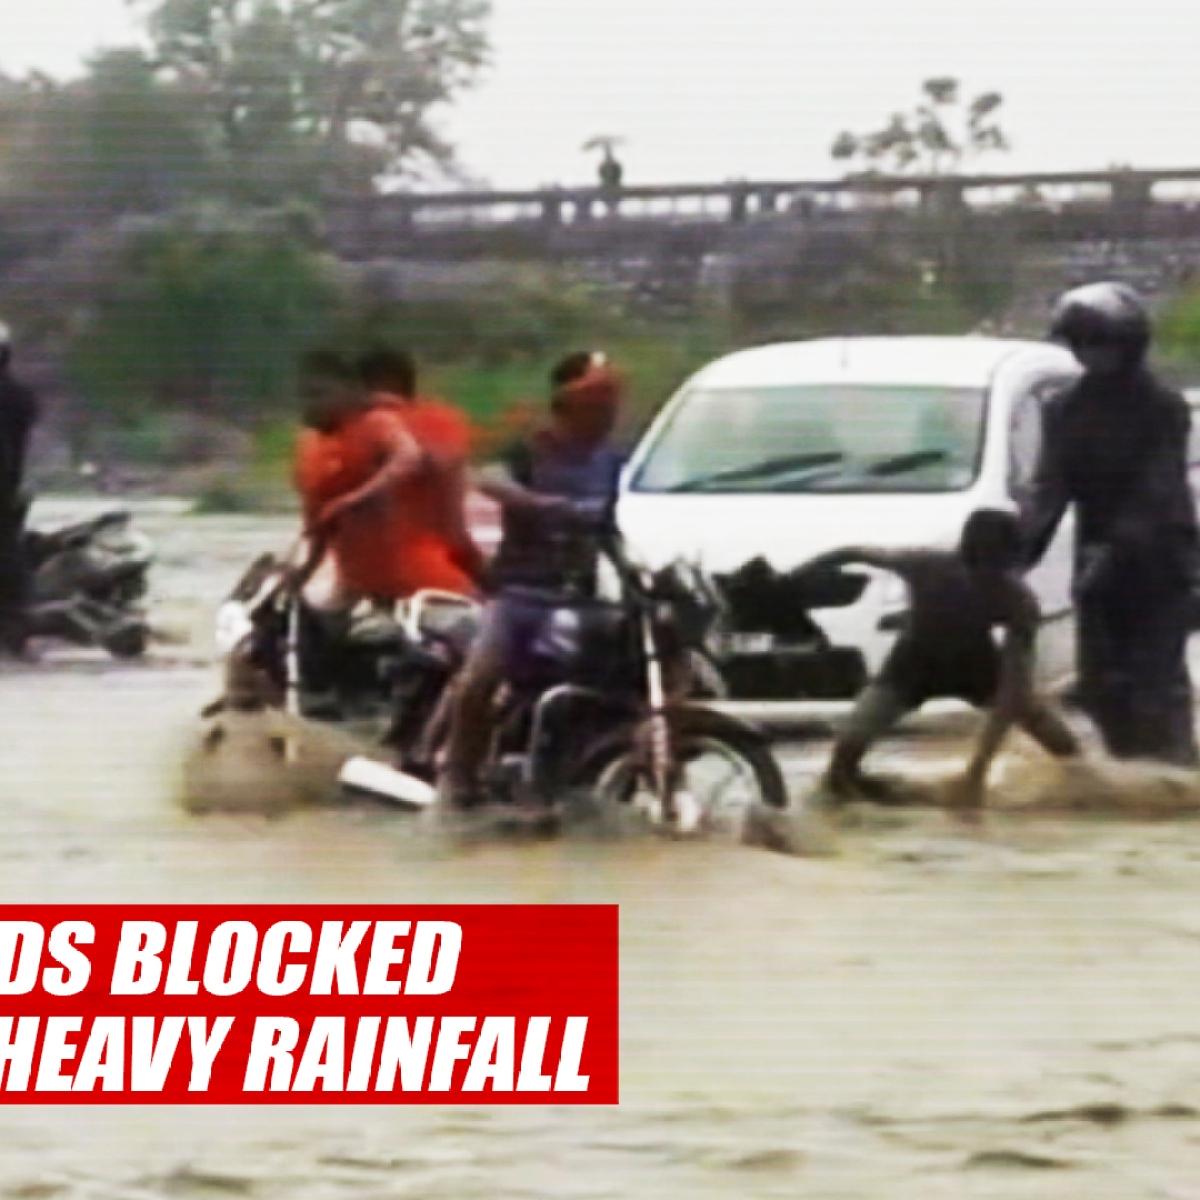 Roads Blocked Due To Heavy Rainfall In Rishikesh